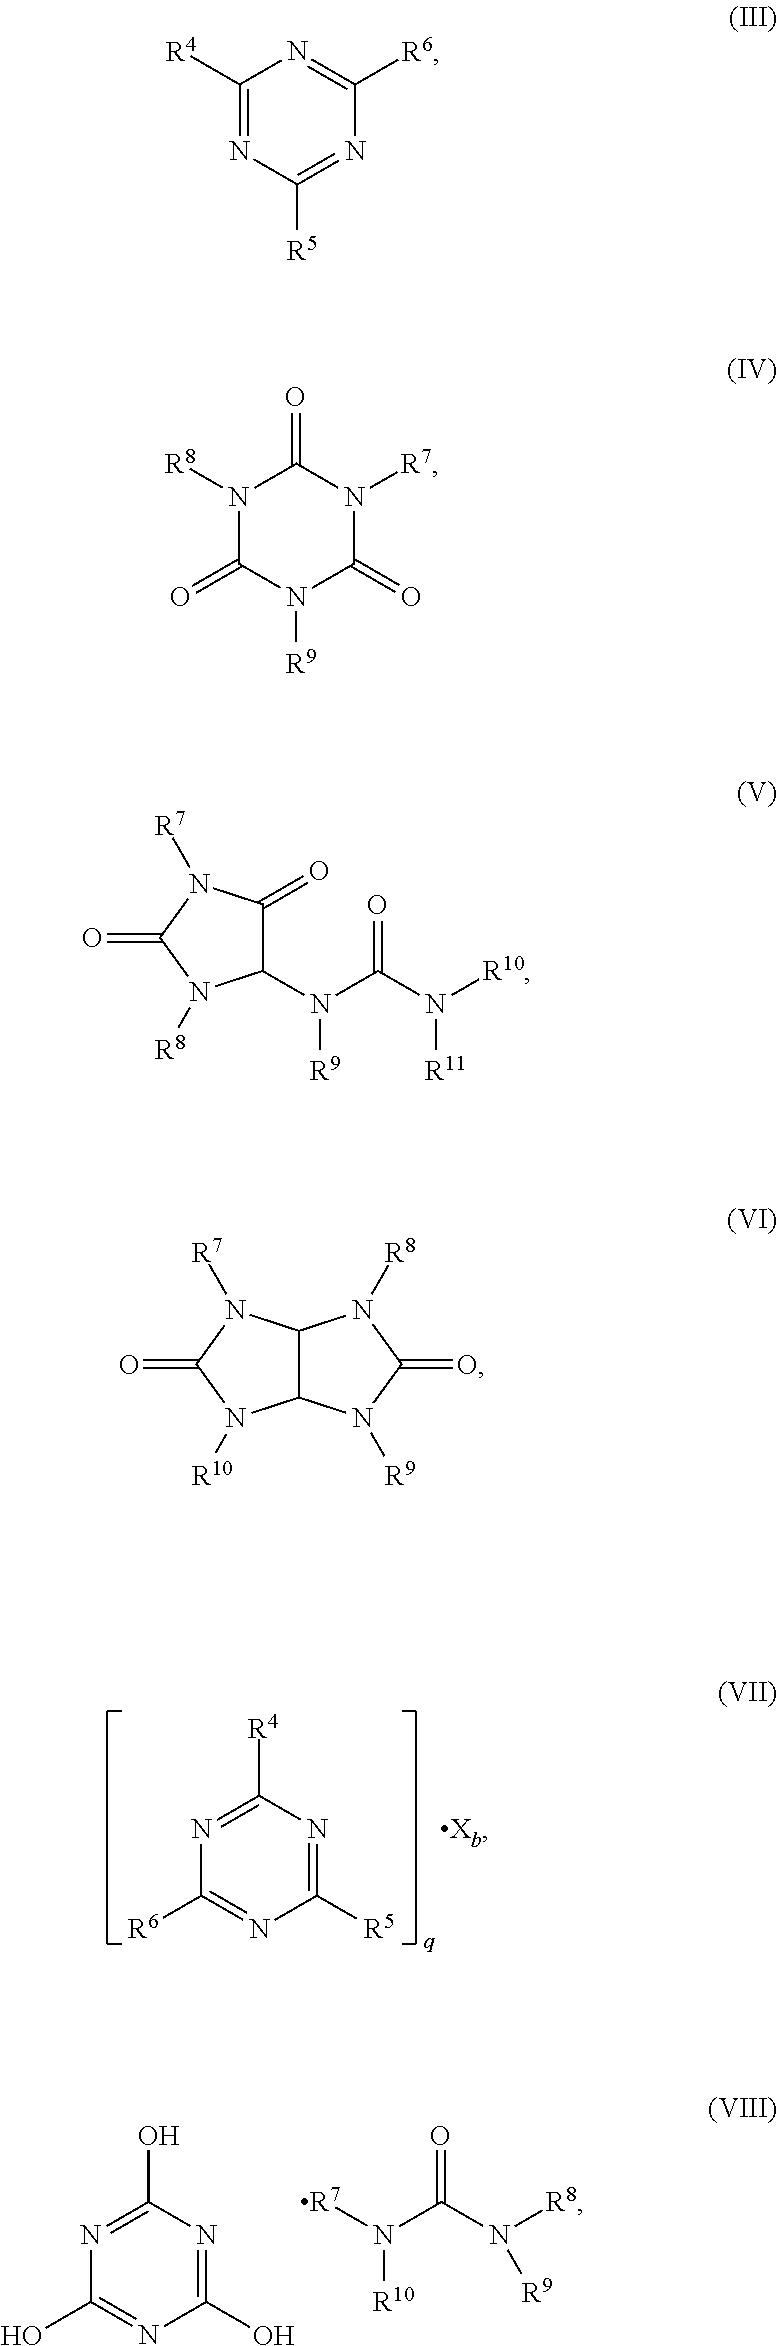 Figure US09006306-20150414-C00011